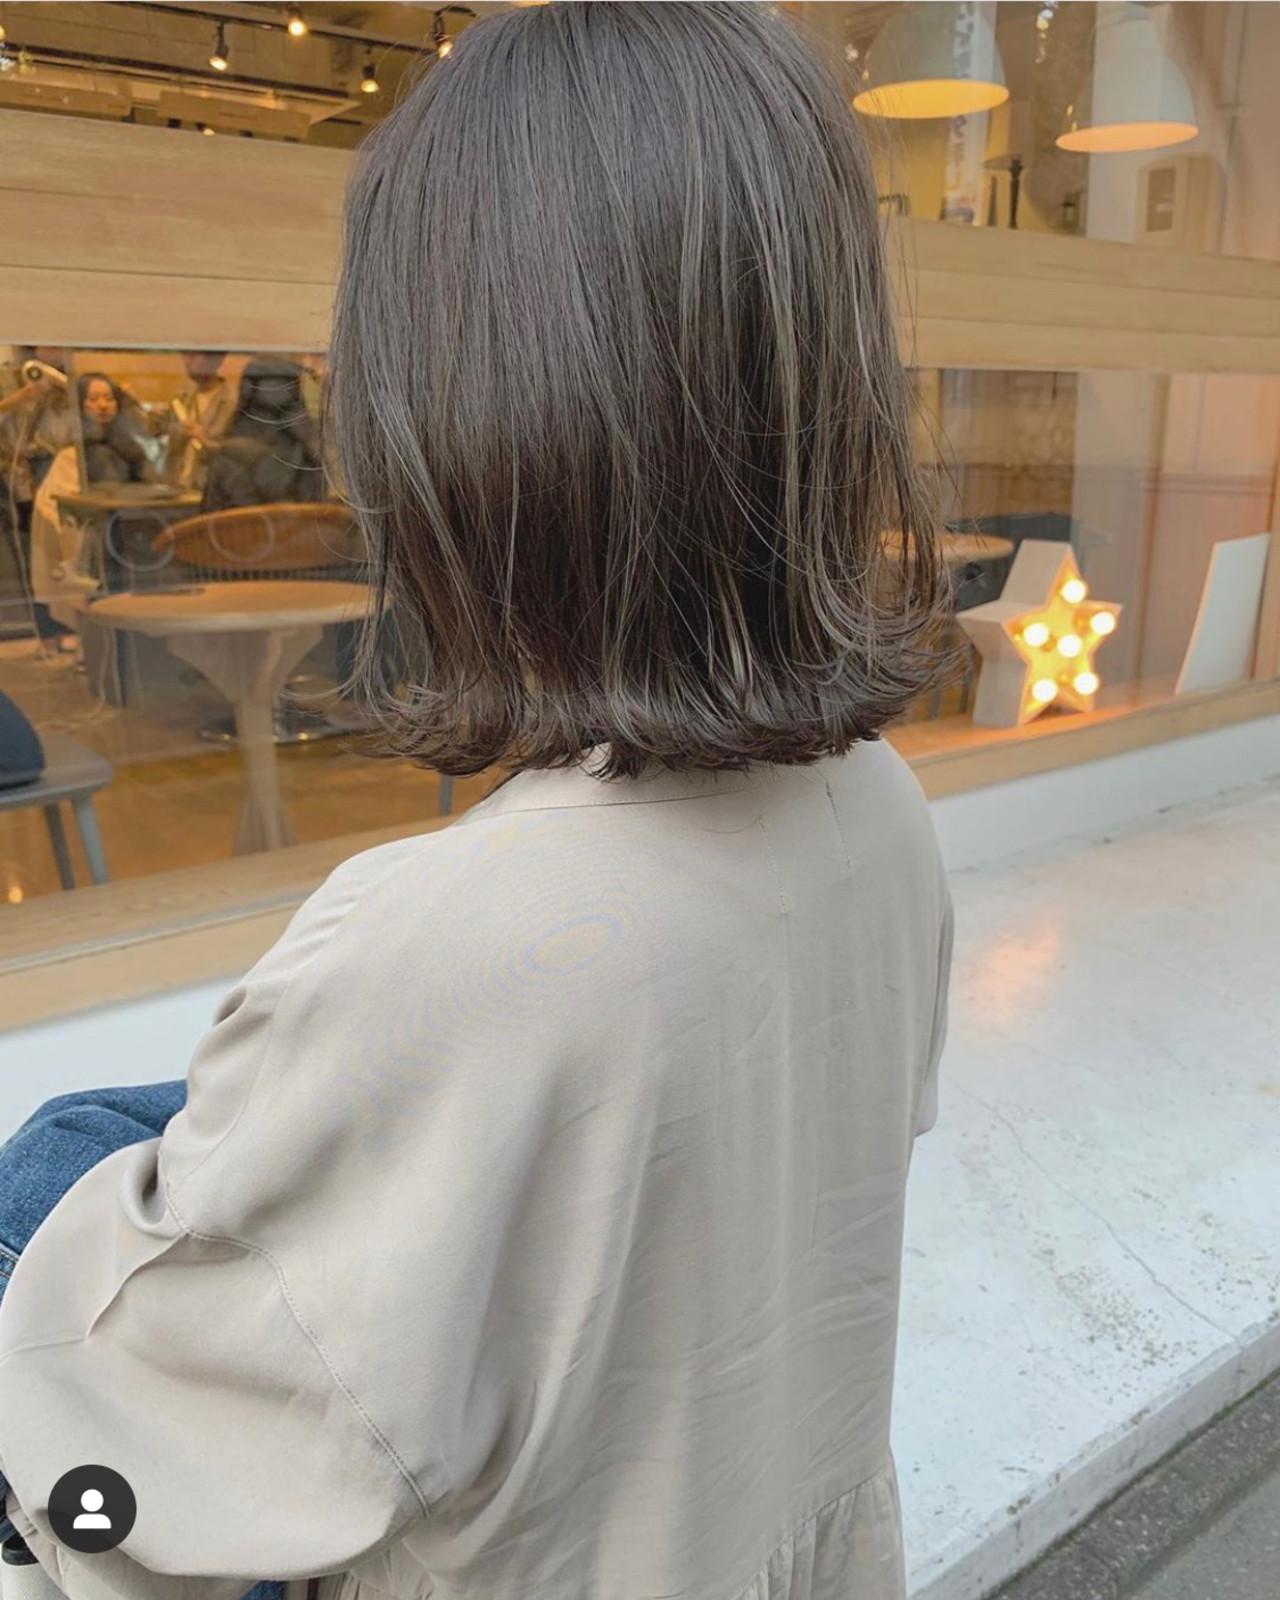 ナチュラル 切りっぱなしボブ ショートボブ ミニボブ ヘアスタイルや髪型の写真・画像 | KENTO.NOESALON / NOE SALON